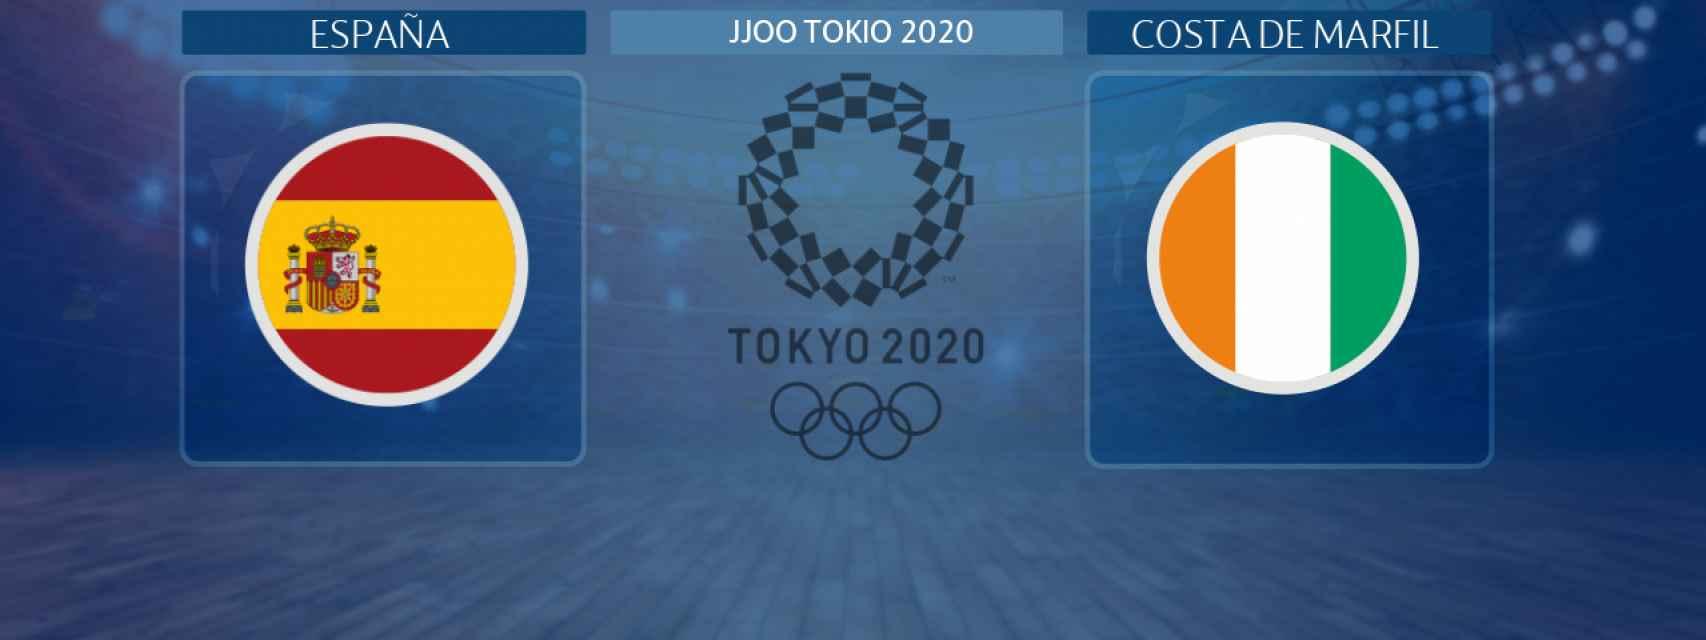 España - Costa de Marfil,cuartos de final de fútbol de los JJOO de Tokio 2020